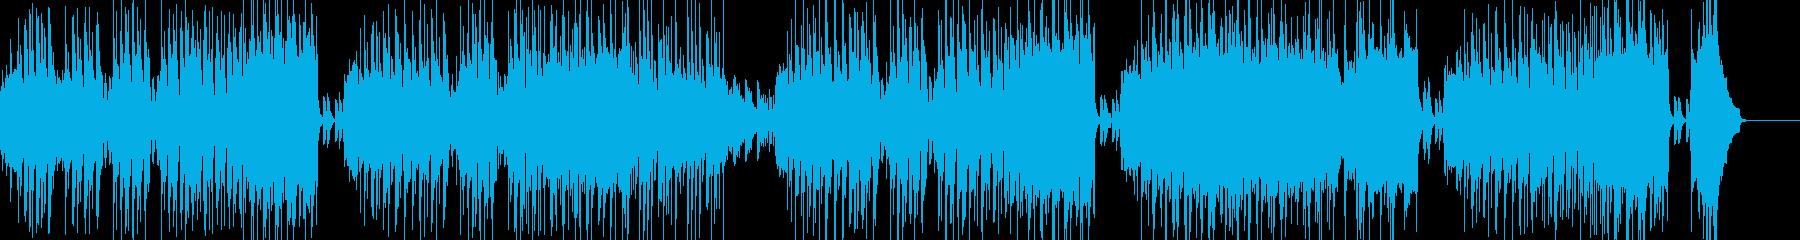 エリーゼのために・ジャズ ドラム有Cの再生済みの波形